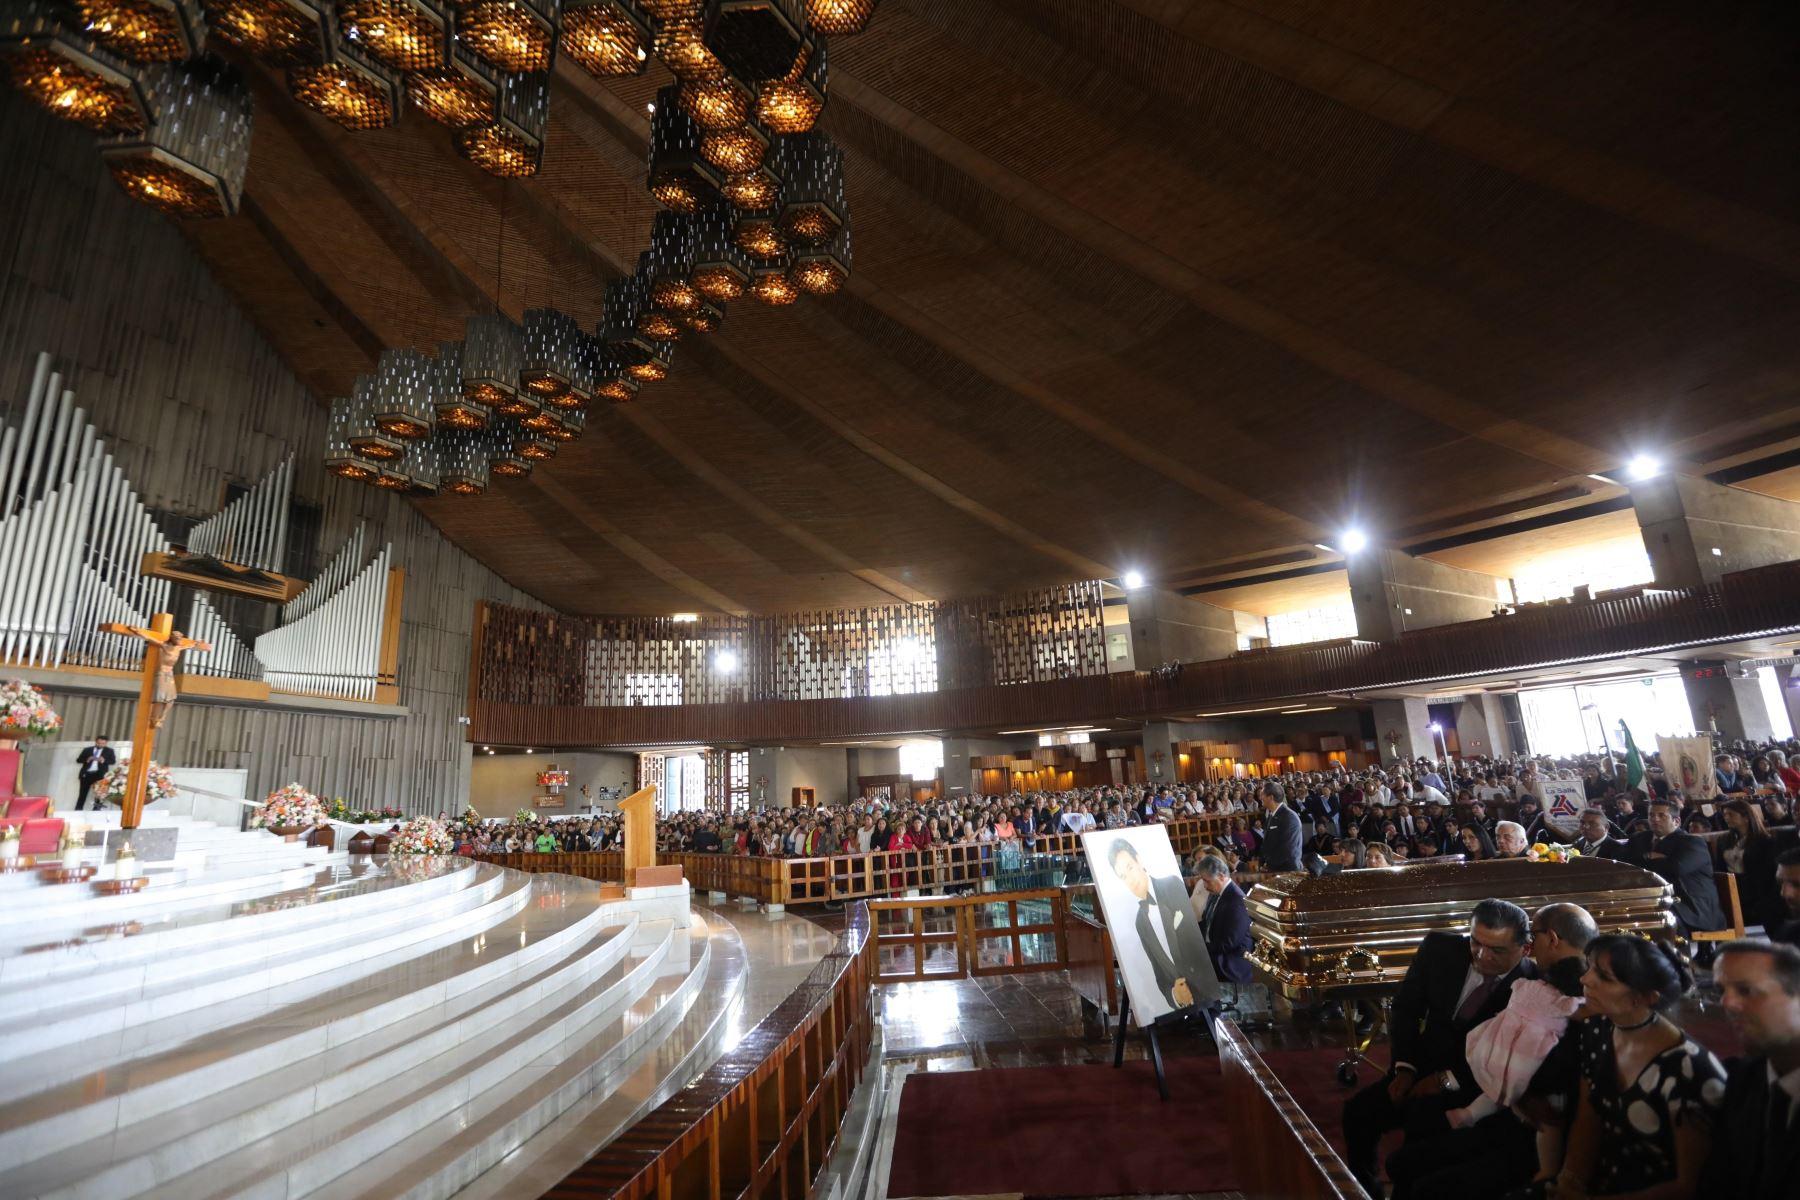 Arribo de los restos del cantante José José a la Basílica de Guadalupe en México. Foto. EFE